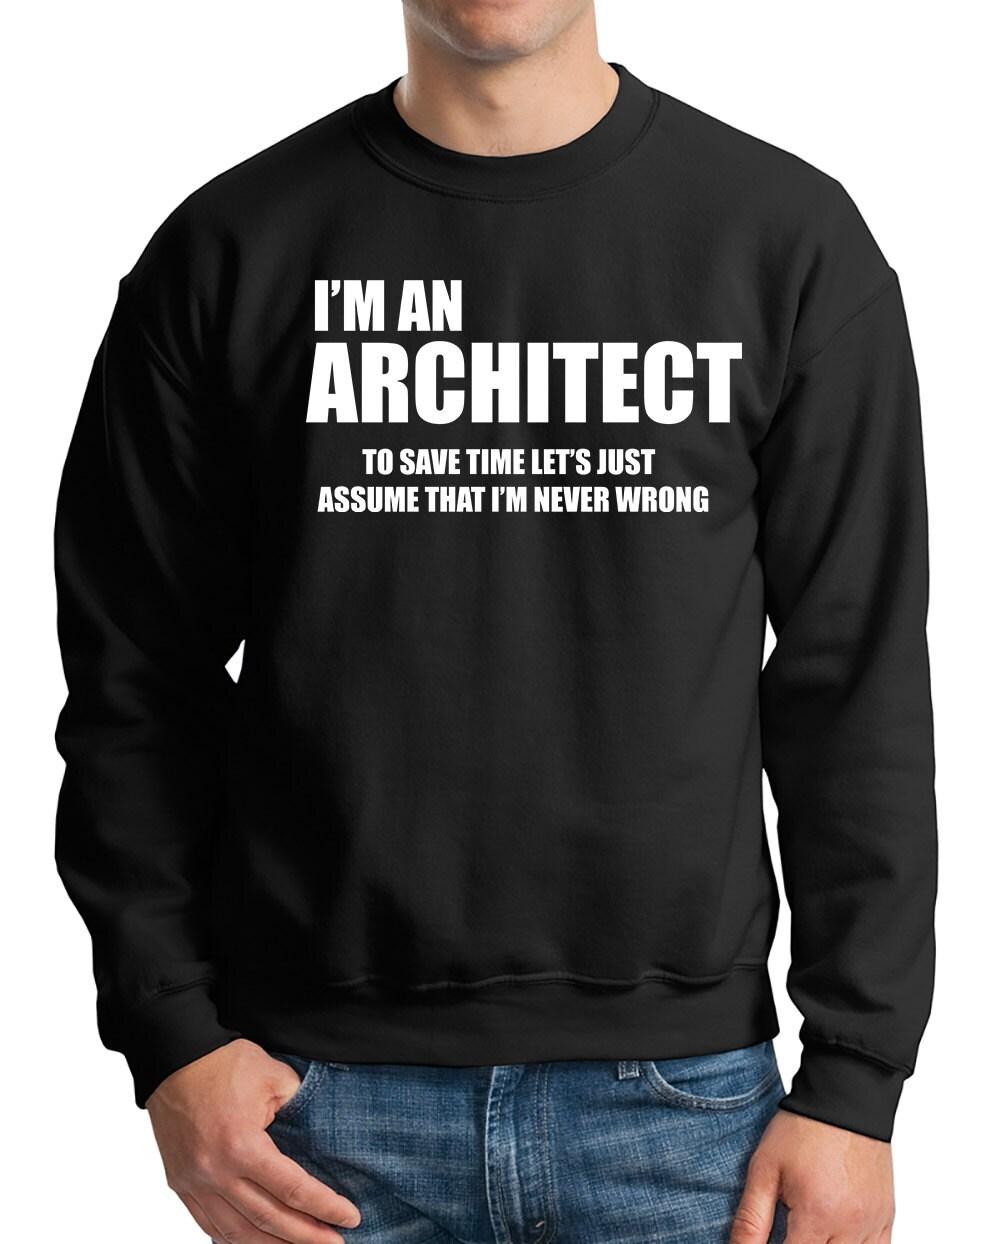 cadeau pour architecte je suis un cadeau de no l de dr le. Black Bedroom Furniture Sets. Home Design Ideas